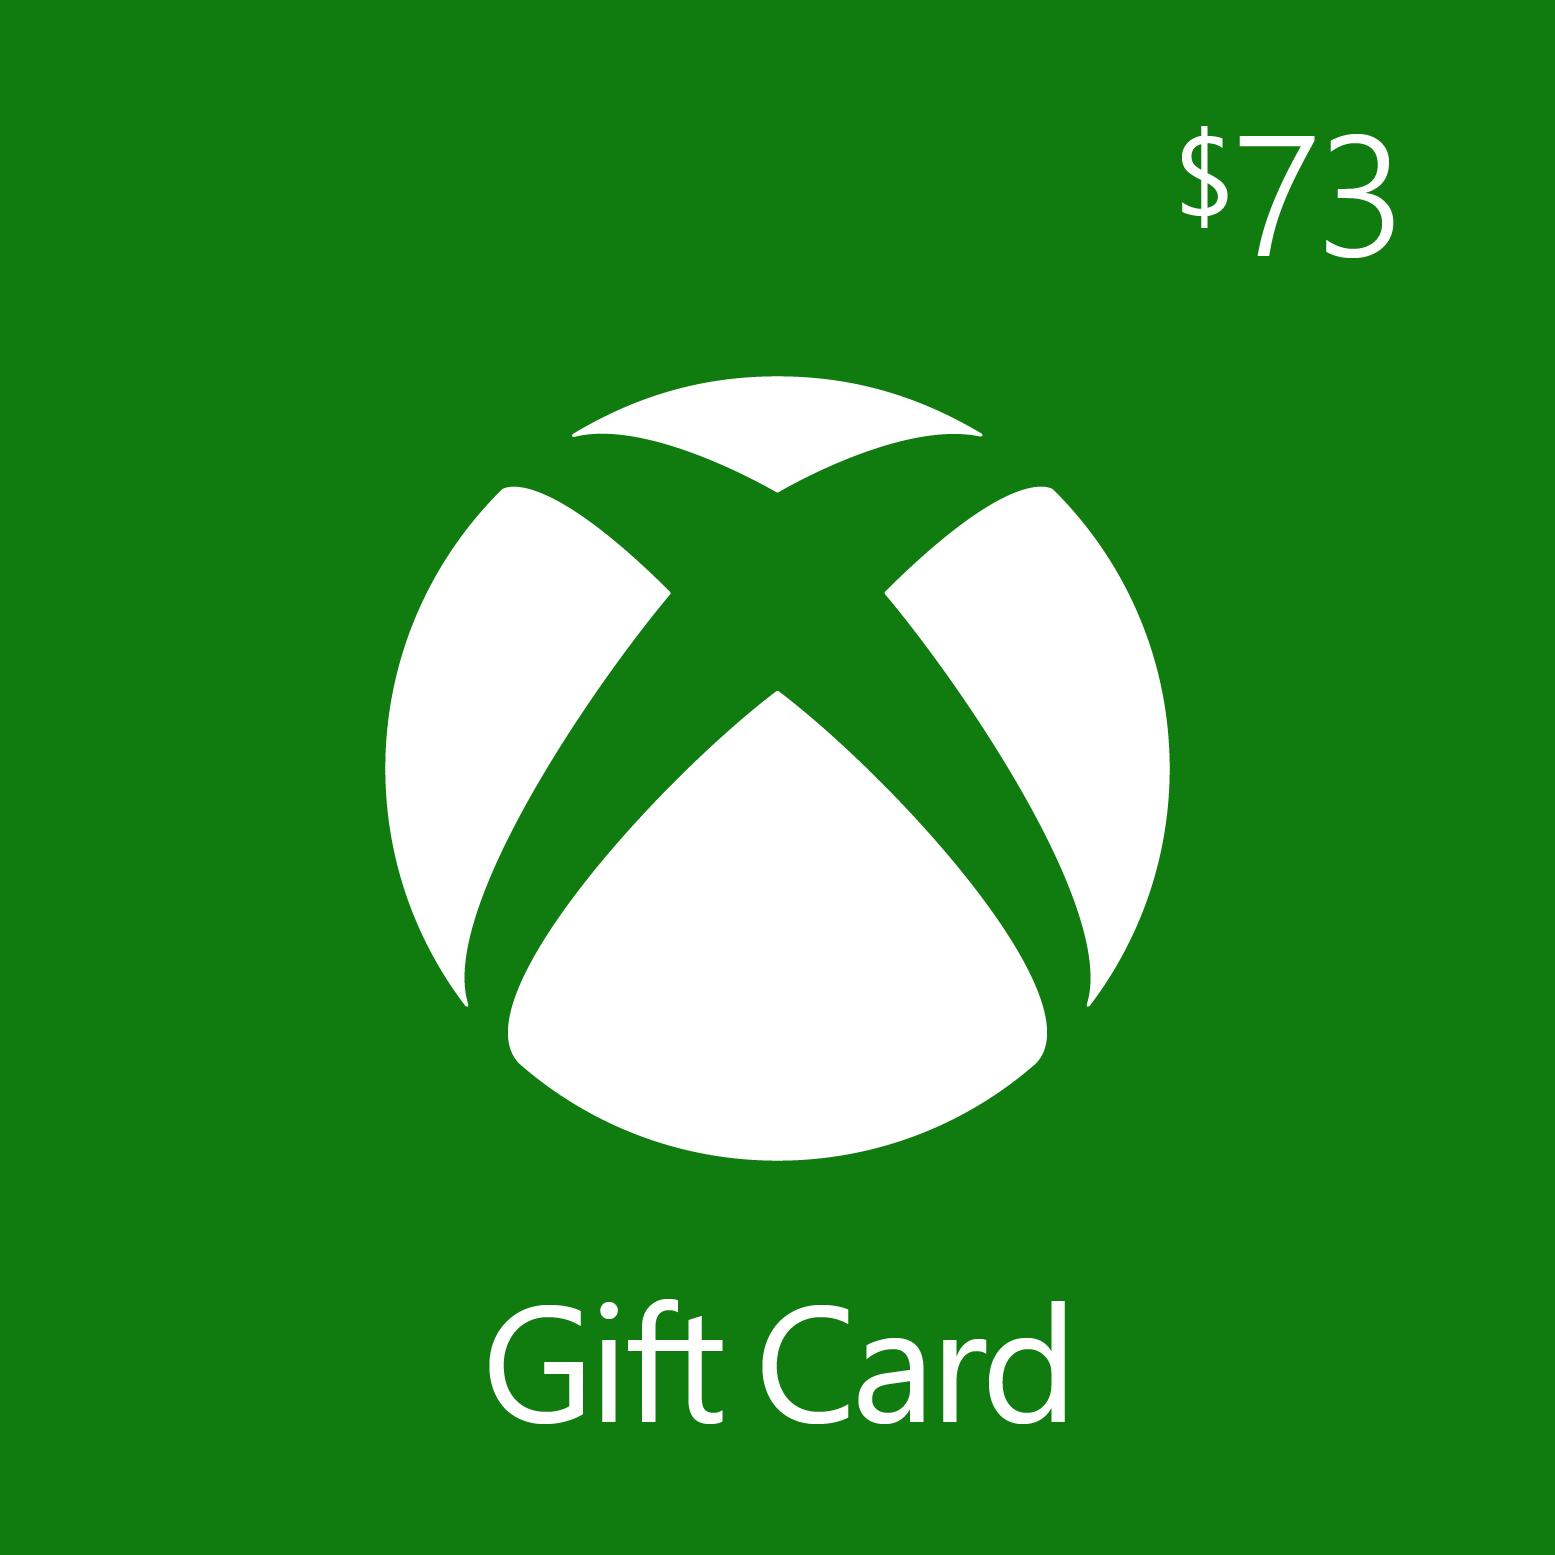 $73.00 Xbox Digital Gift Card